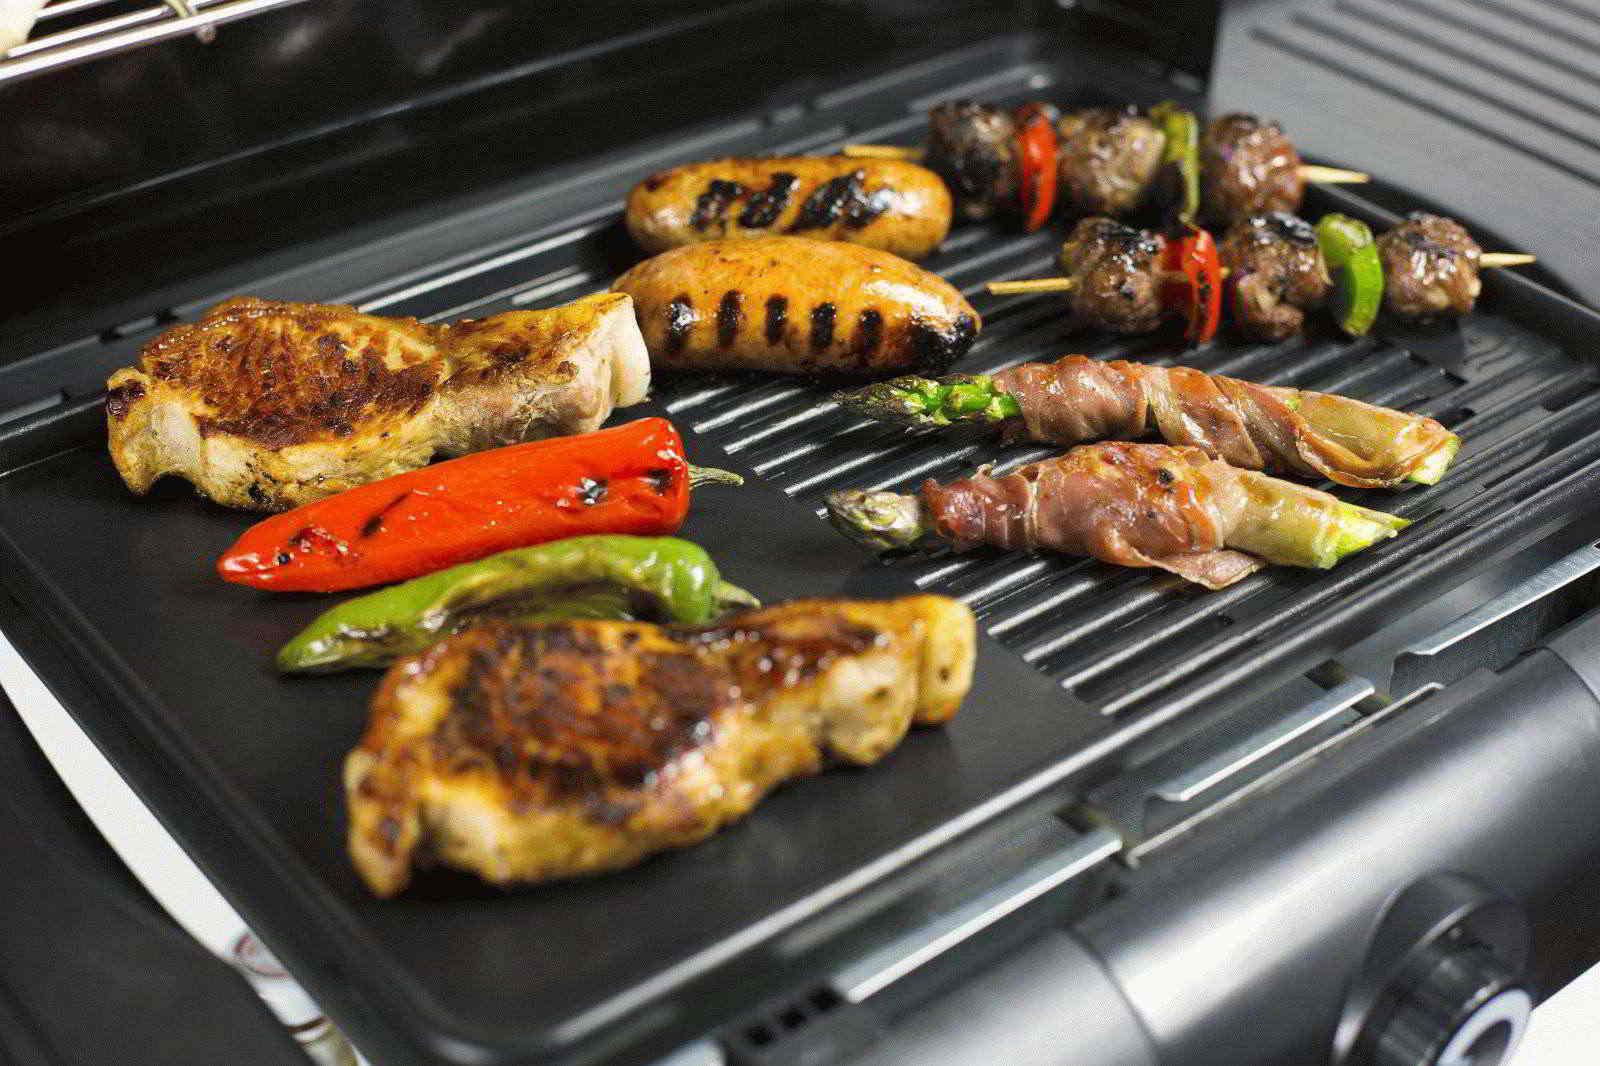 Время приготовления различных блюд на гриле